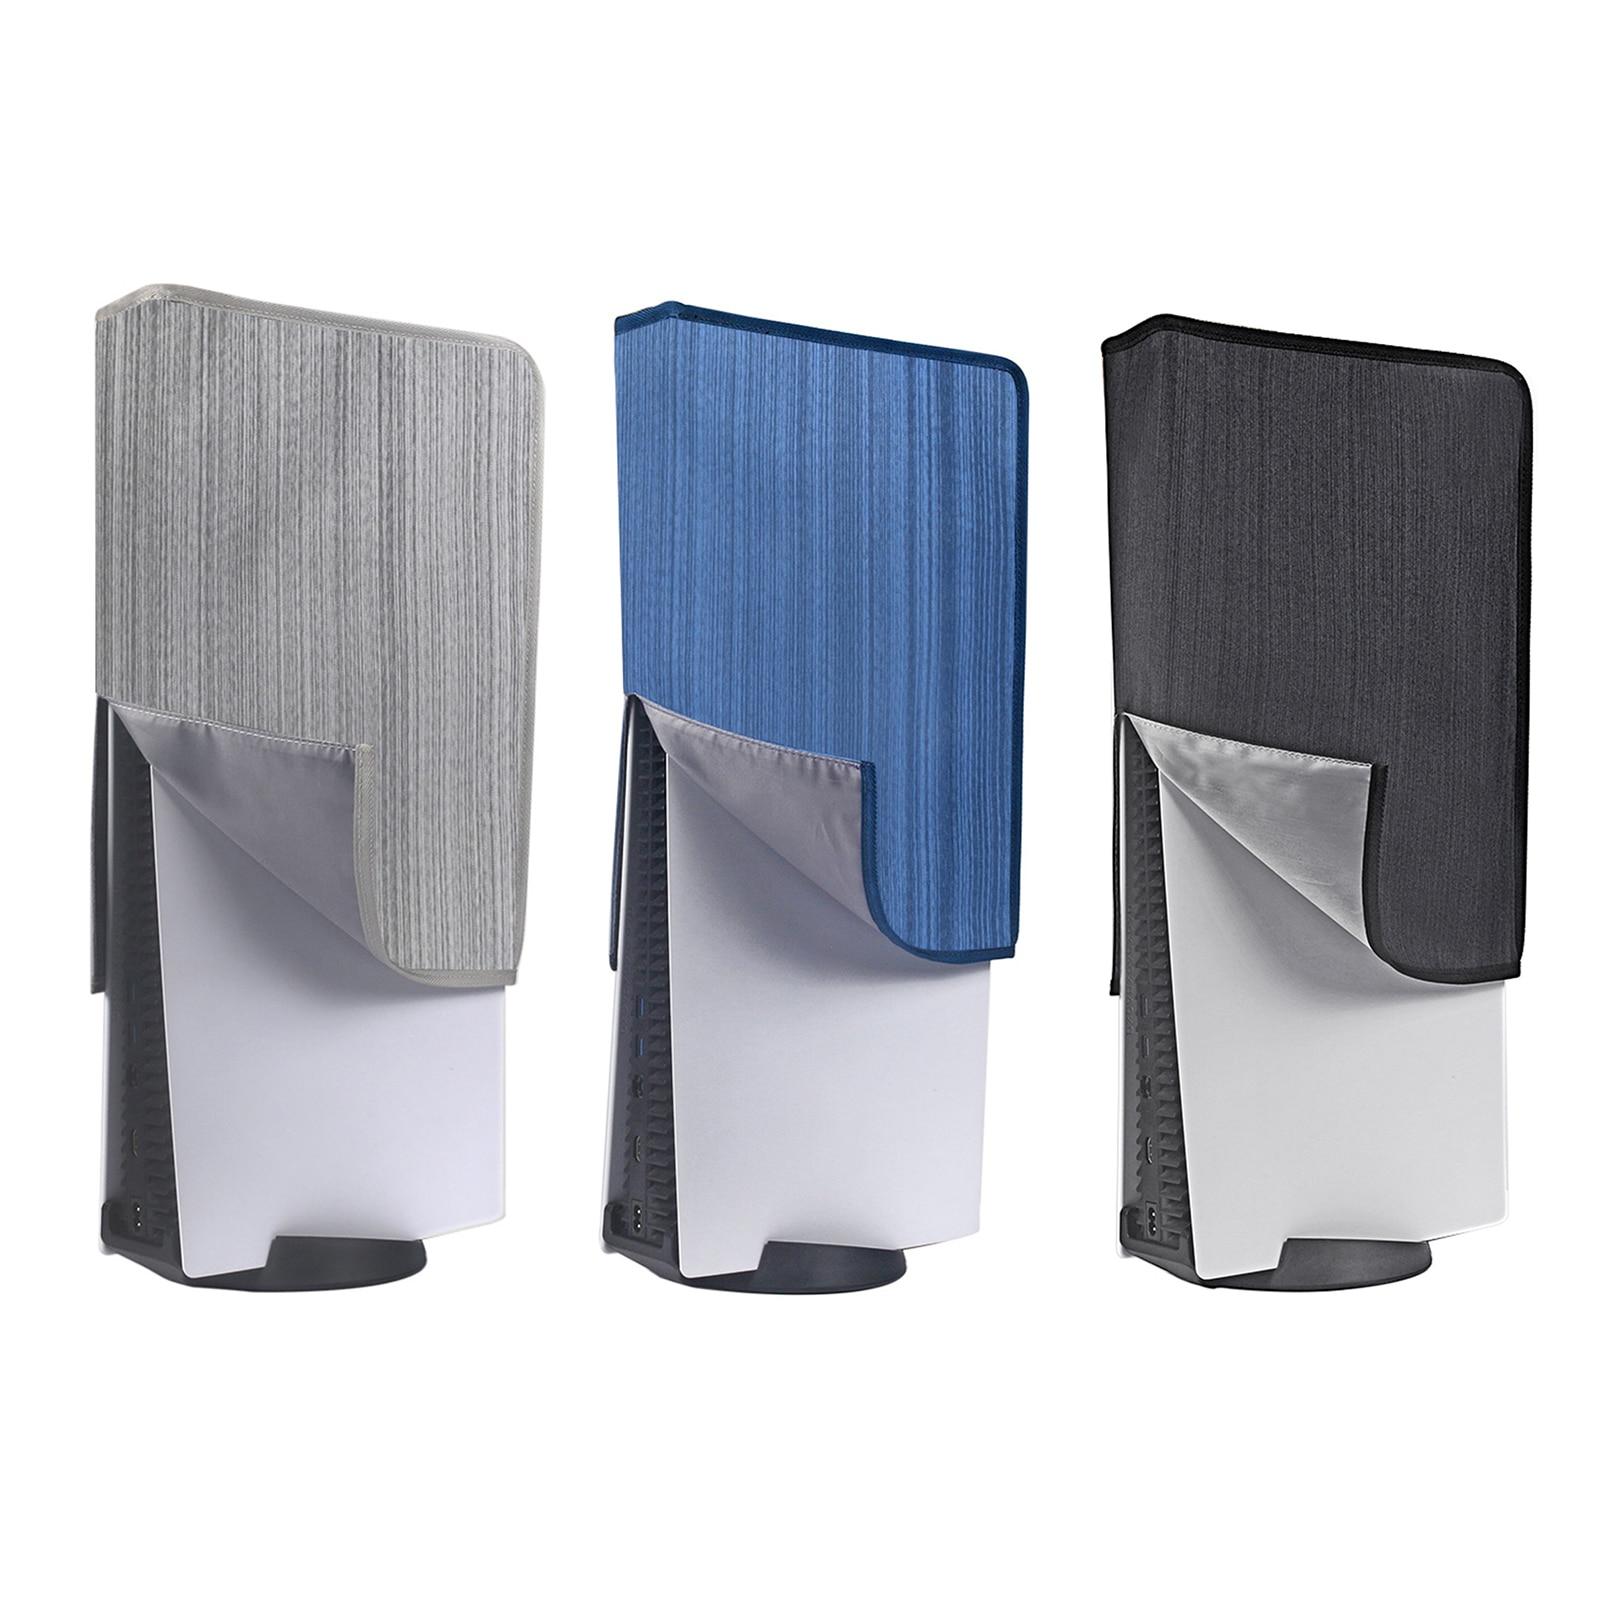 Пылезащитный чехол для игровой консоли PS5, пылезащитный чехол, моющийся пылезащитный чехол для PlayStation 5, аксессуары для игр PS5